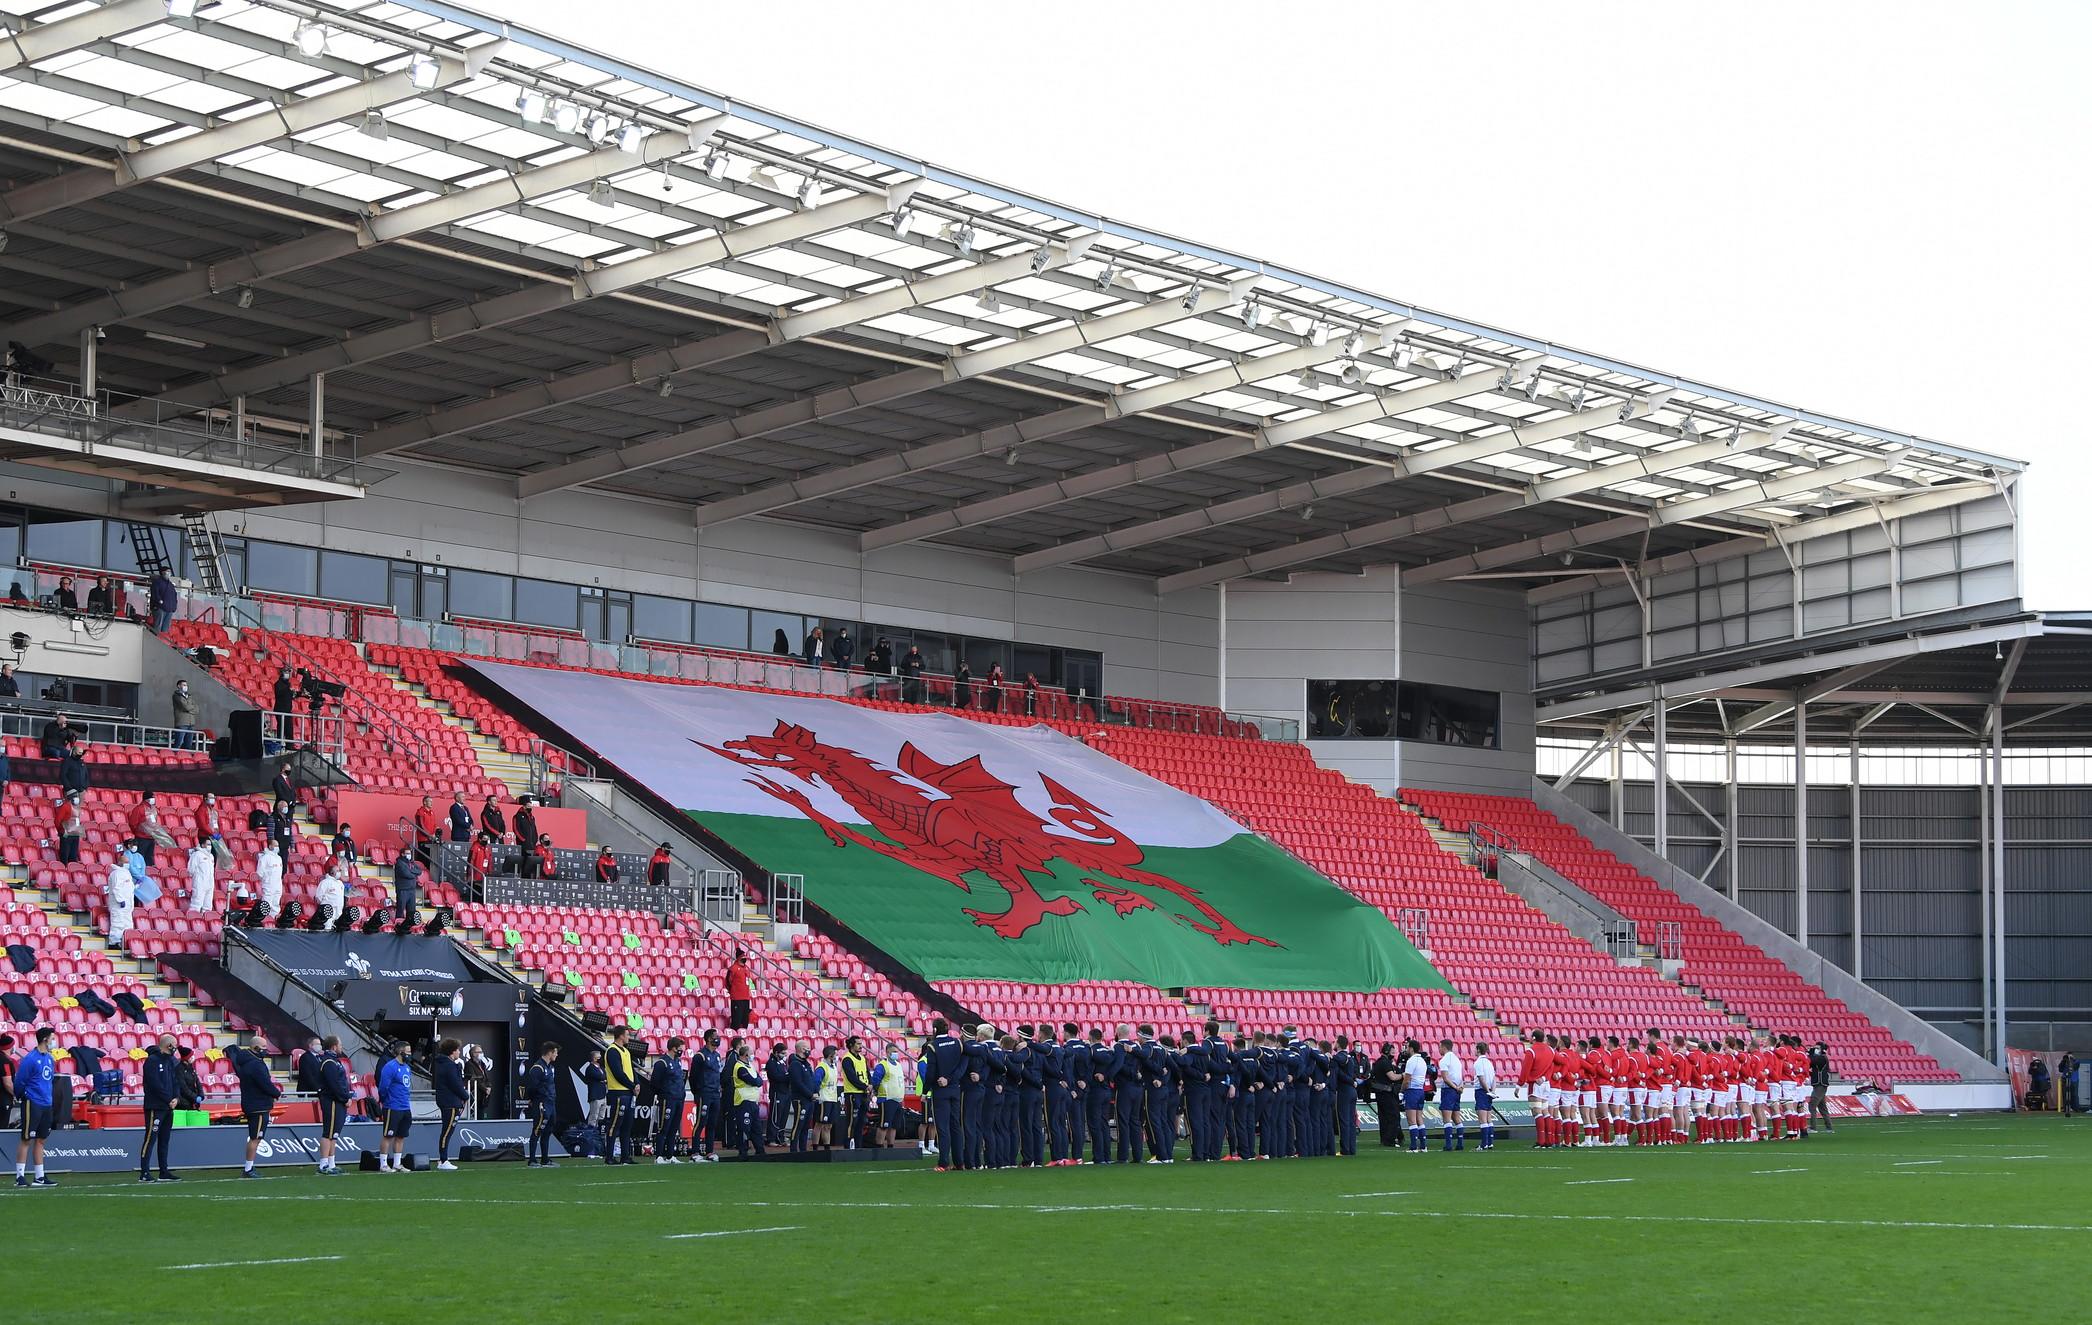 IlParc y Scarlets di Llanelli, casa del Galles.